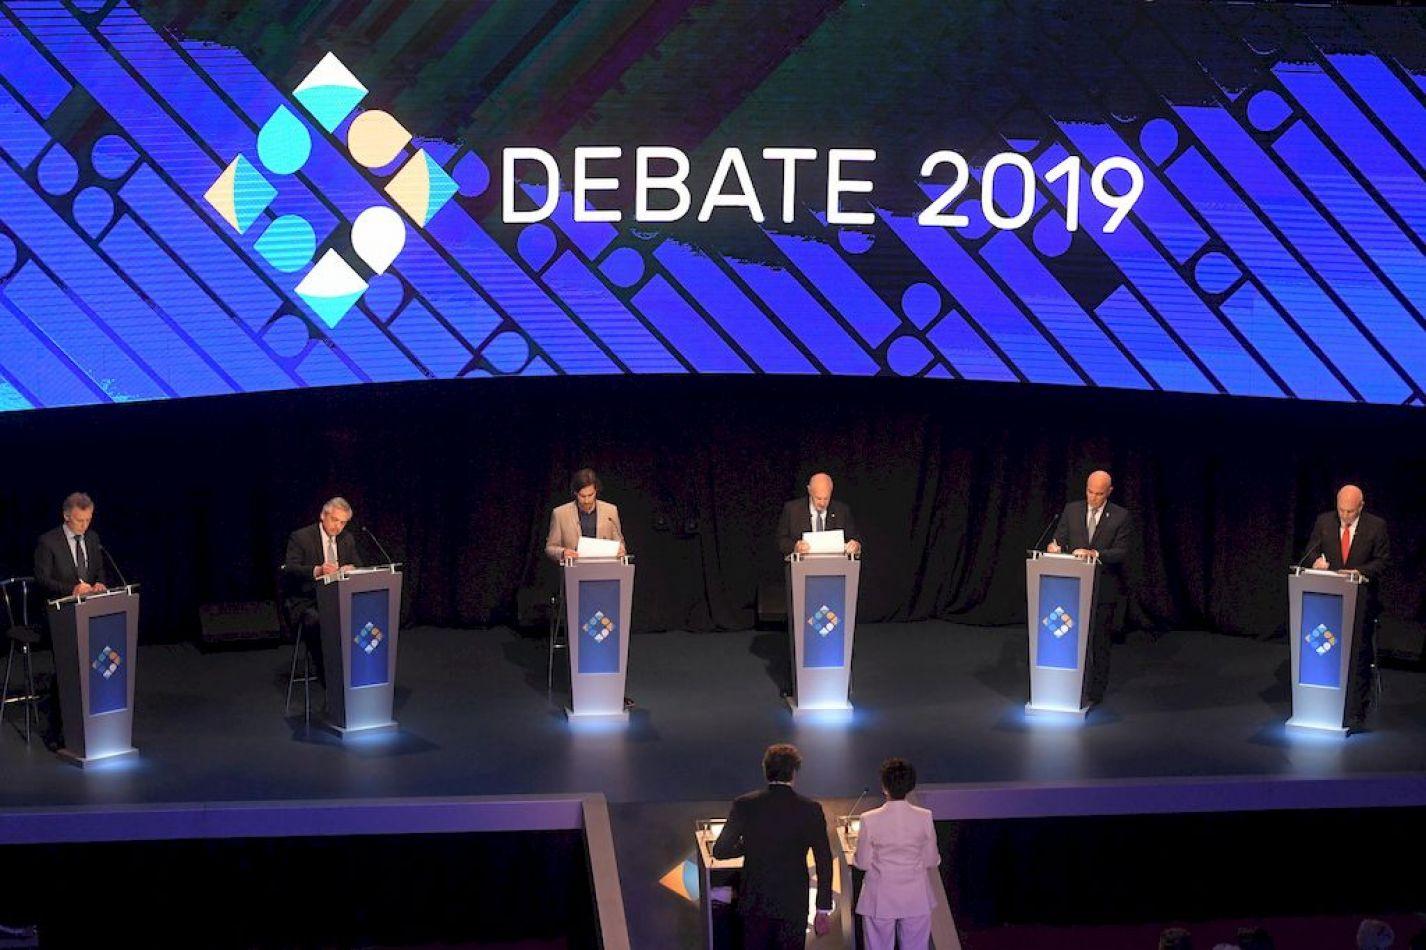 Las frases más llamativas del segundo debate presidencial